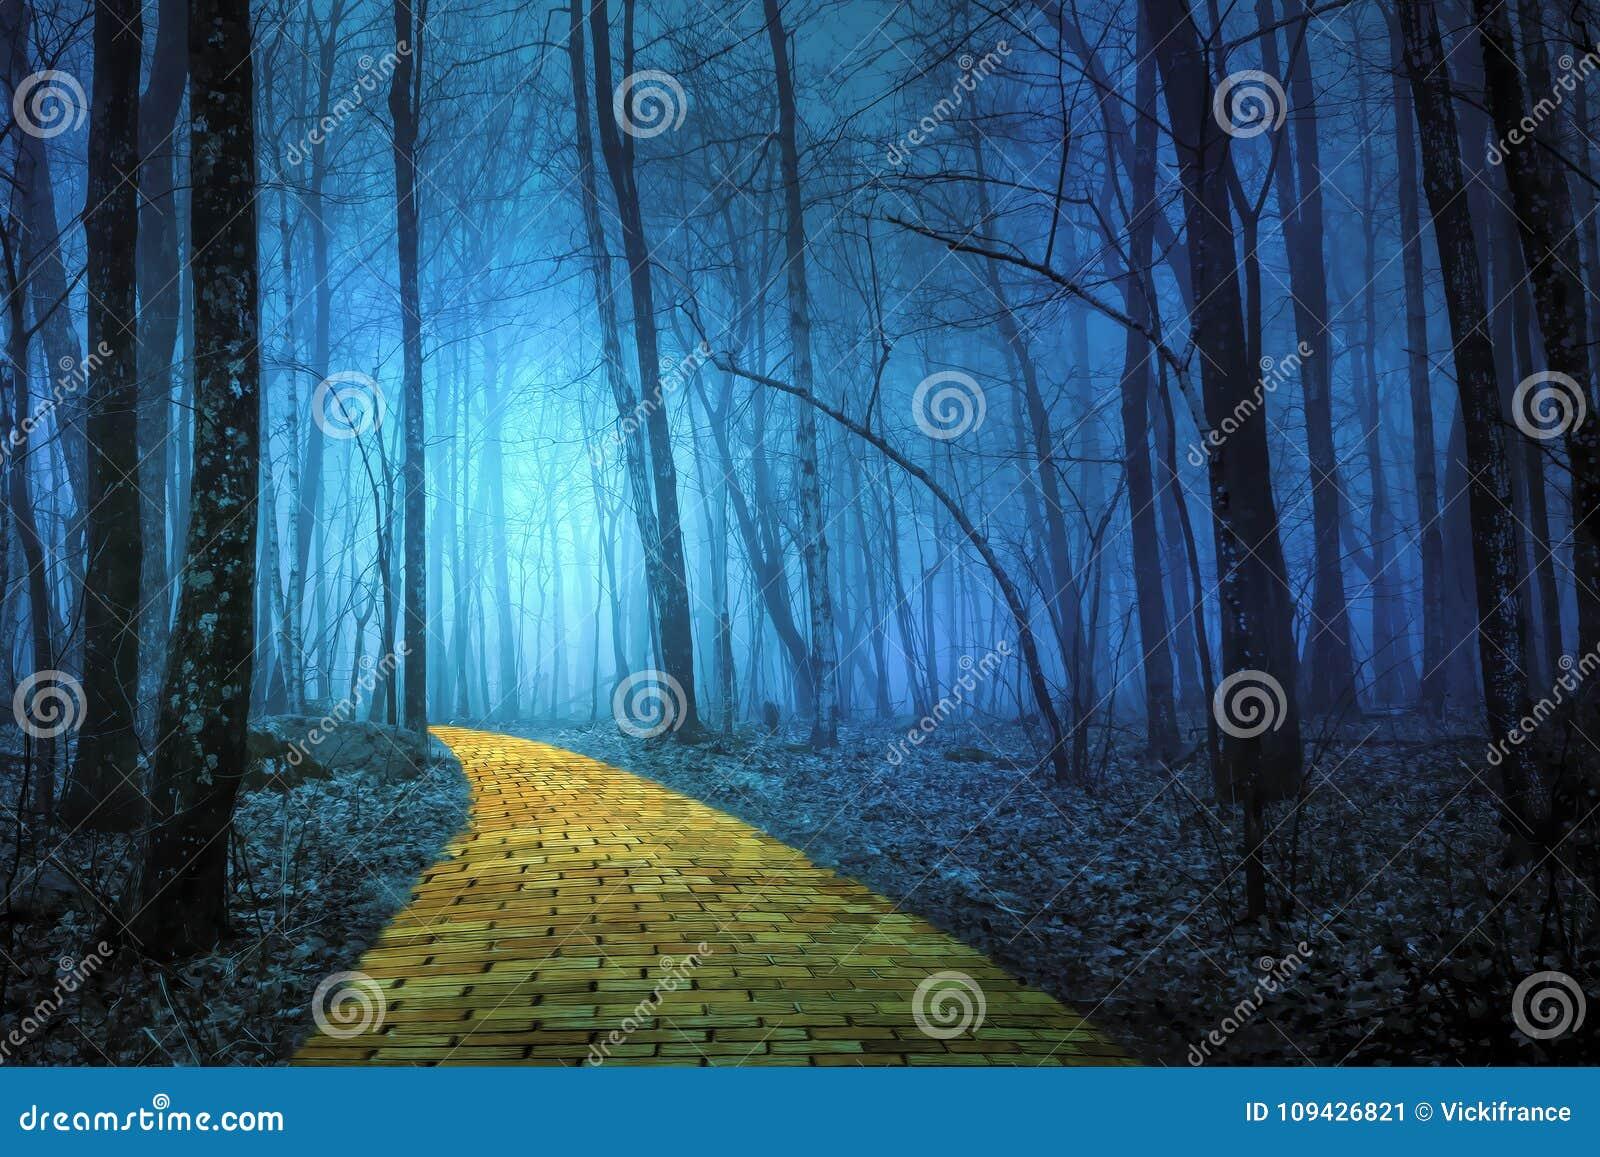 Camino amarillo del ladrillo que lleva a través de un bosque fantasmagórico